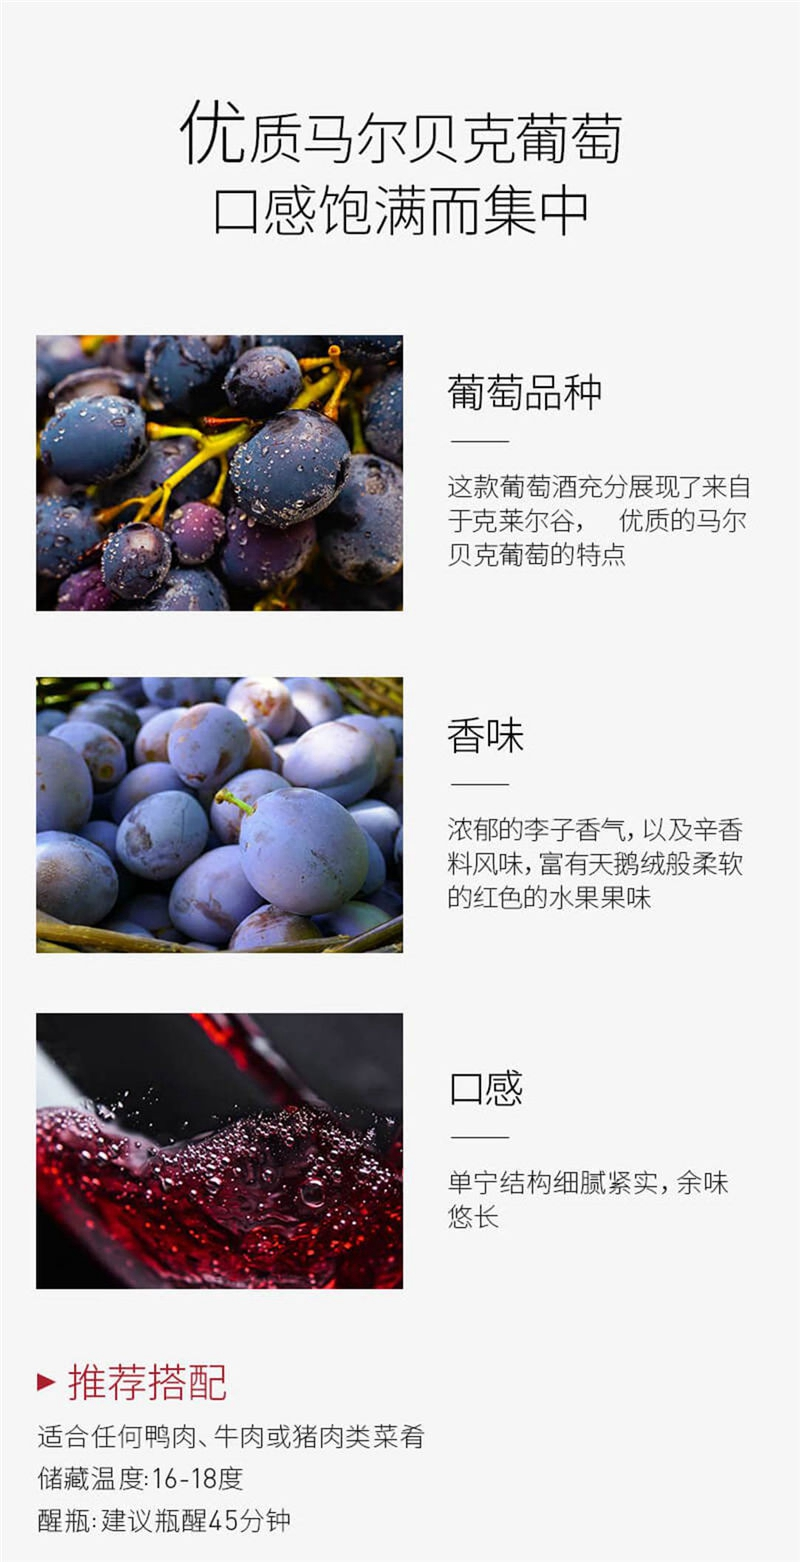 Paulett Wines47/74马尔贝克赤霞珠干红葡萄酒750ml 成分